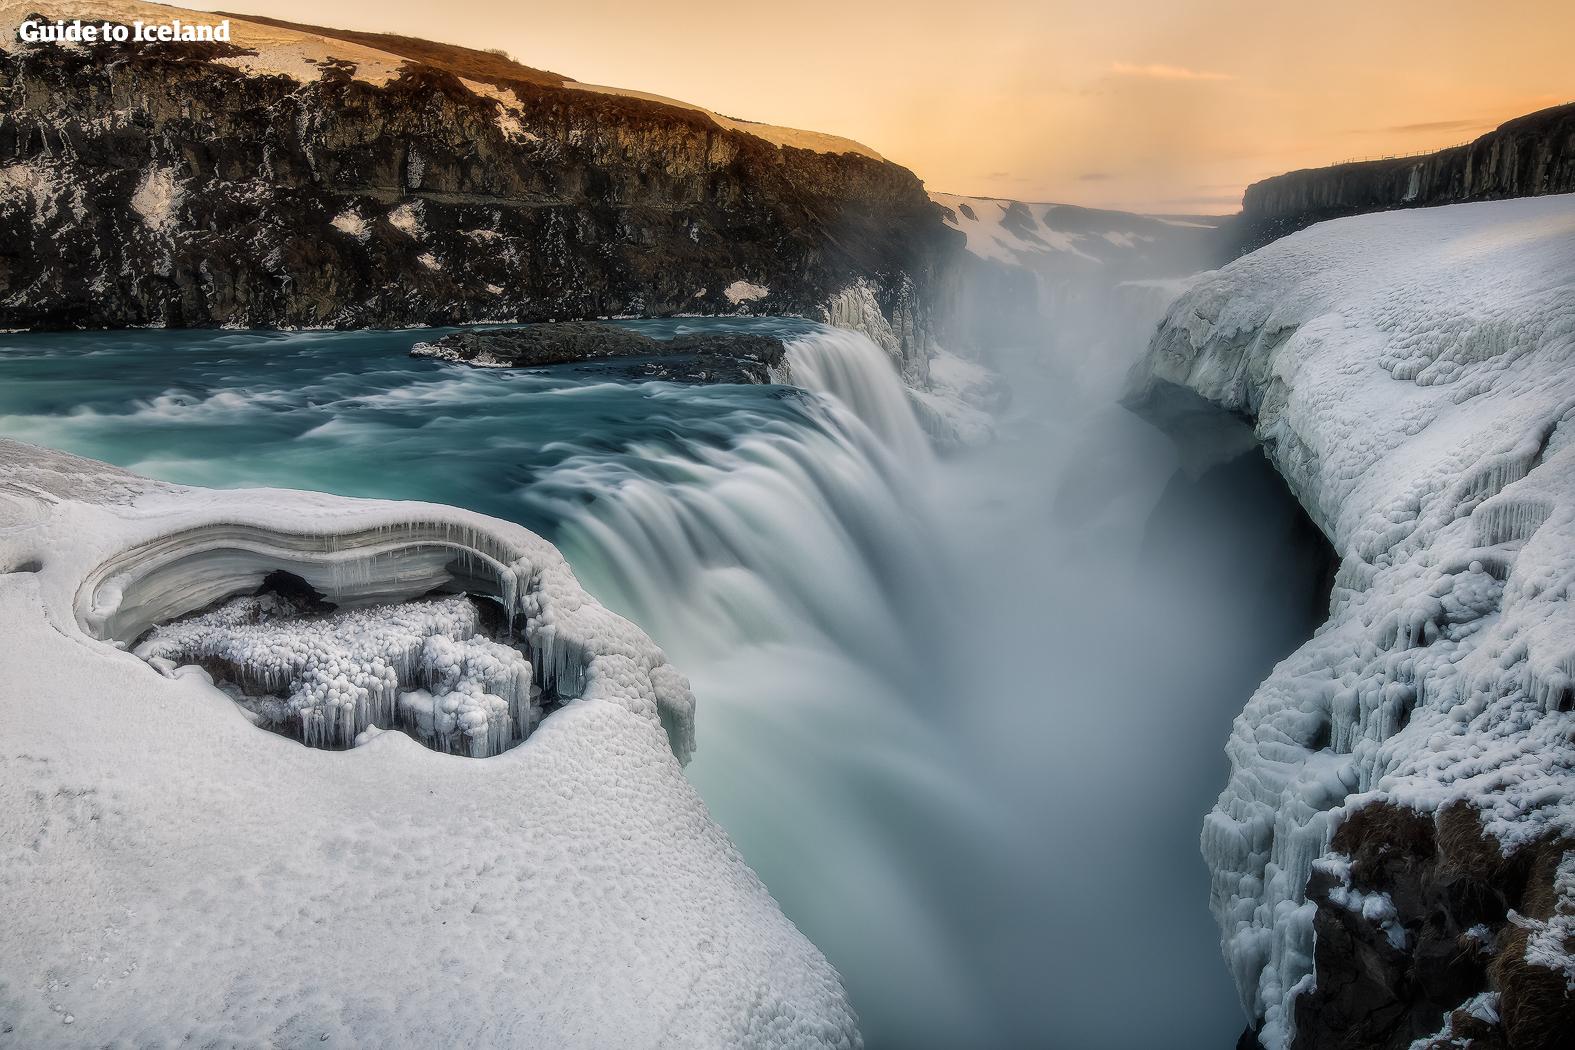 冬季的黄金瀑布被冰雪覆盖,别有一番风韵。